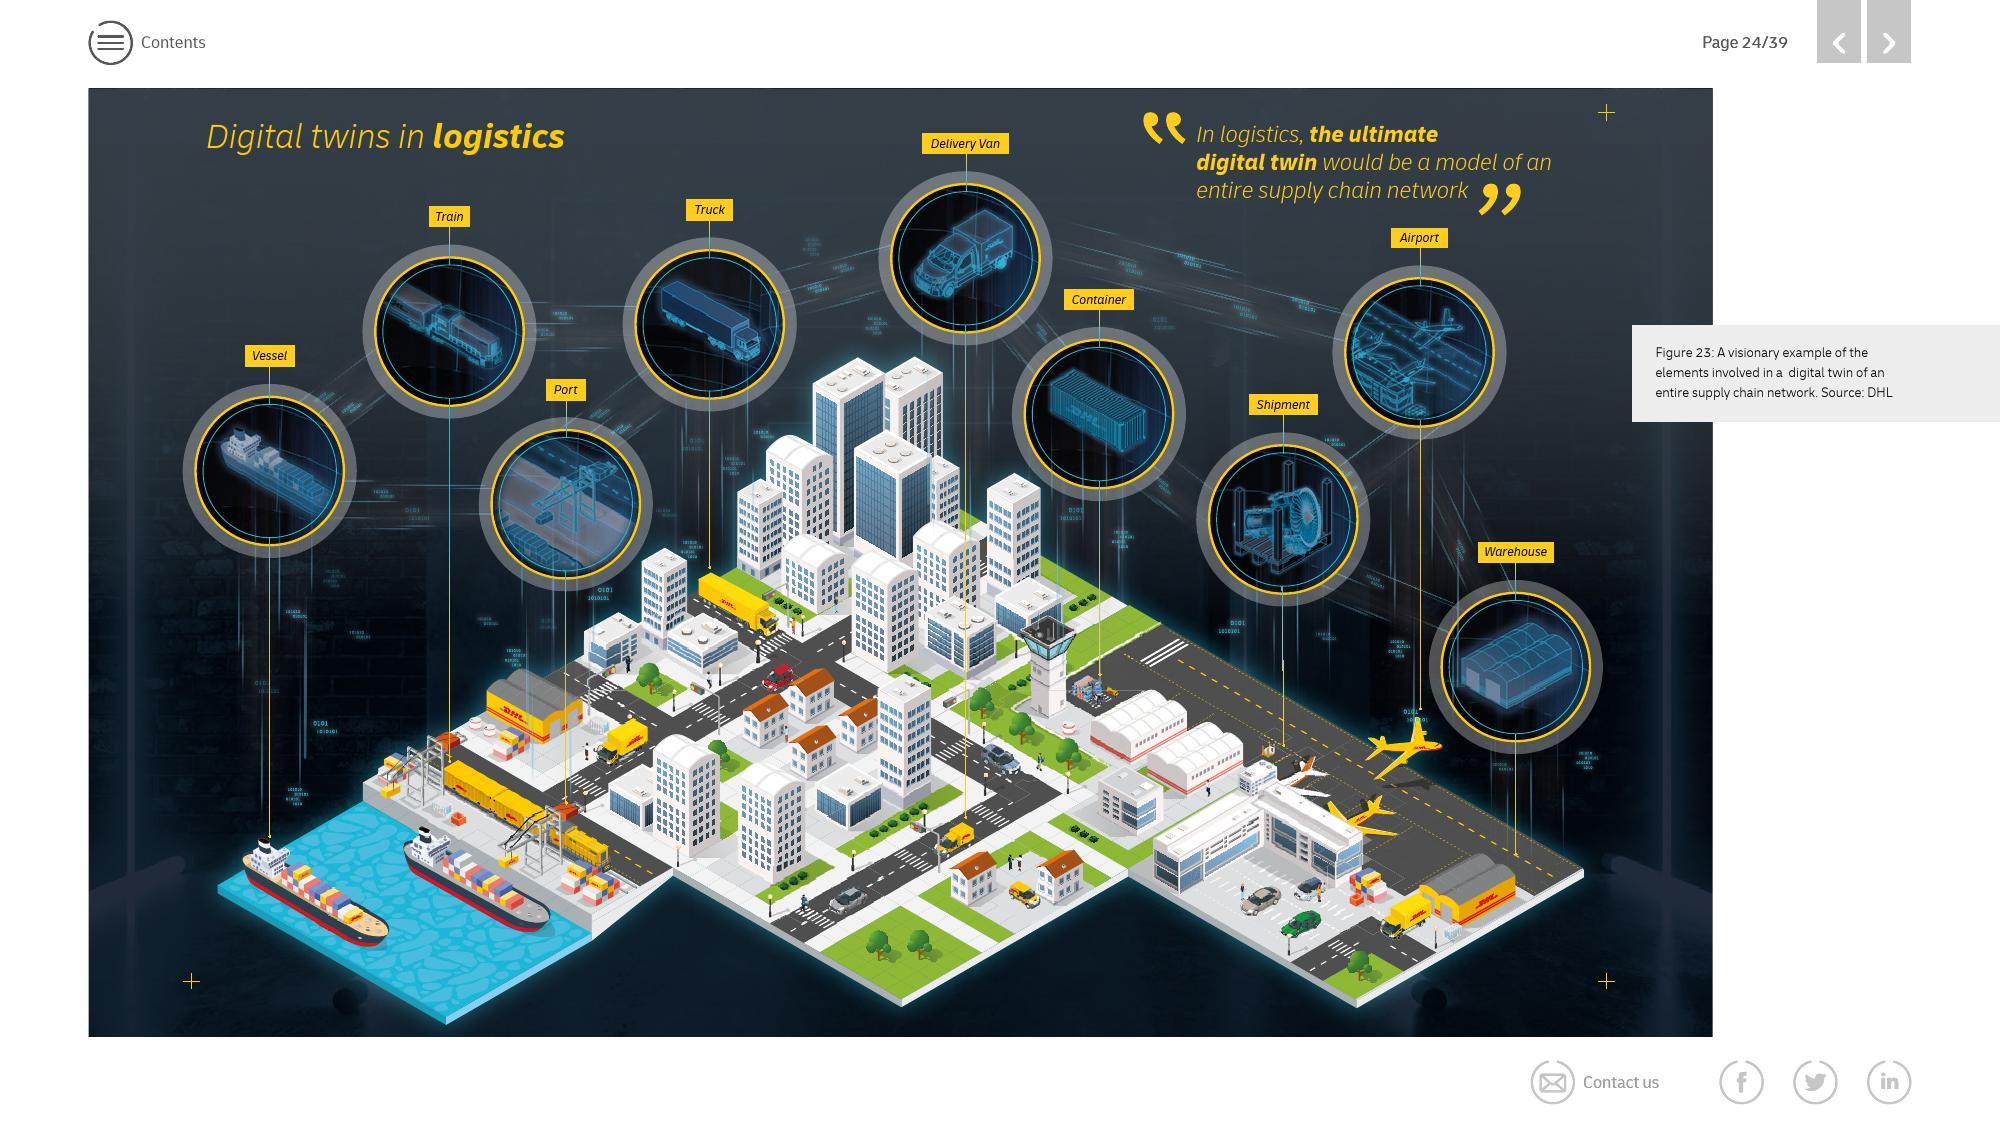 全球资讯_DHL:数字孪生技术赋能物流业 | 互联网数据资讯网-199IT | 中文 ...